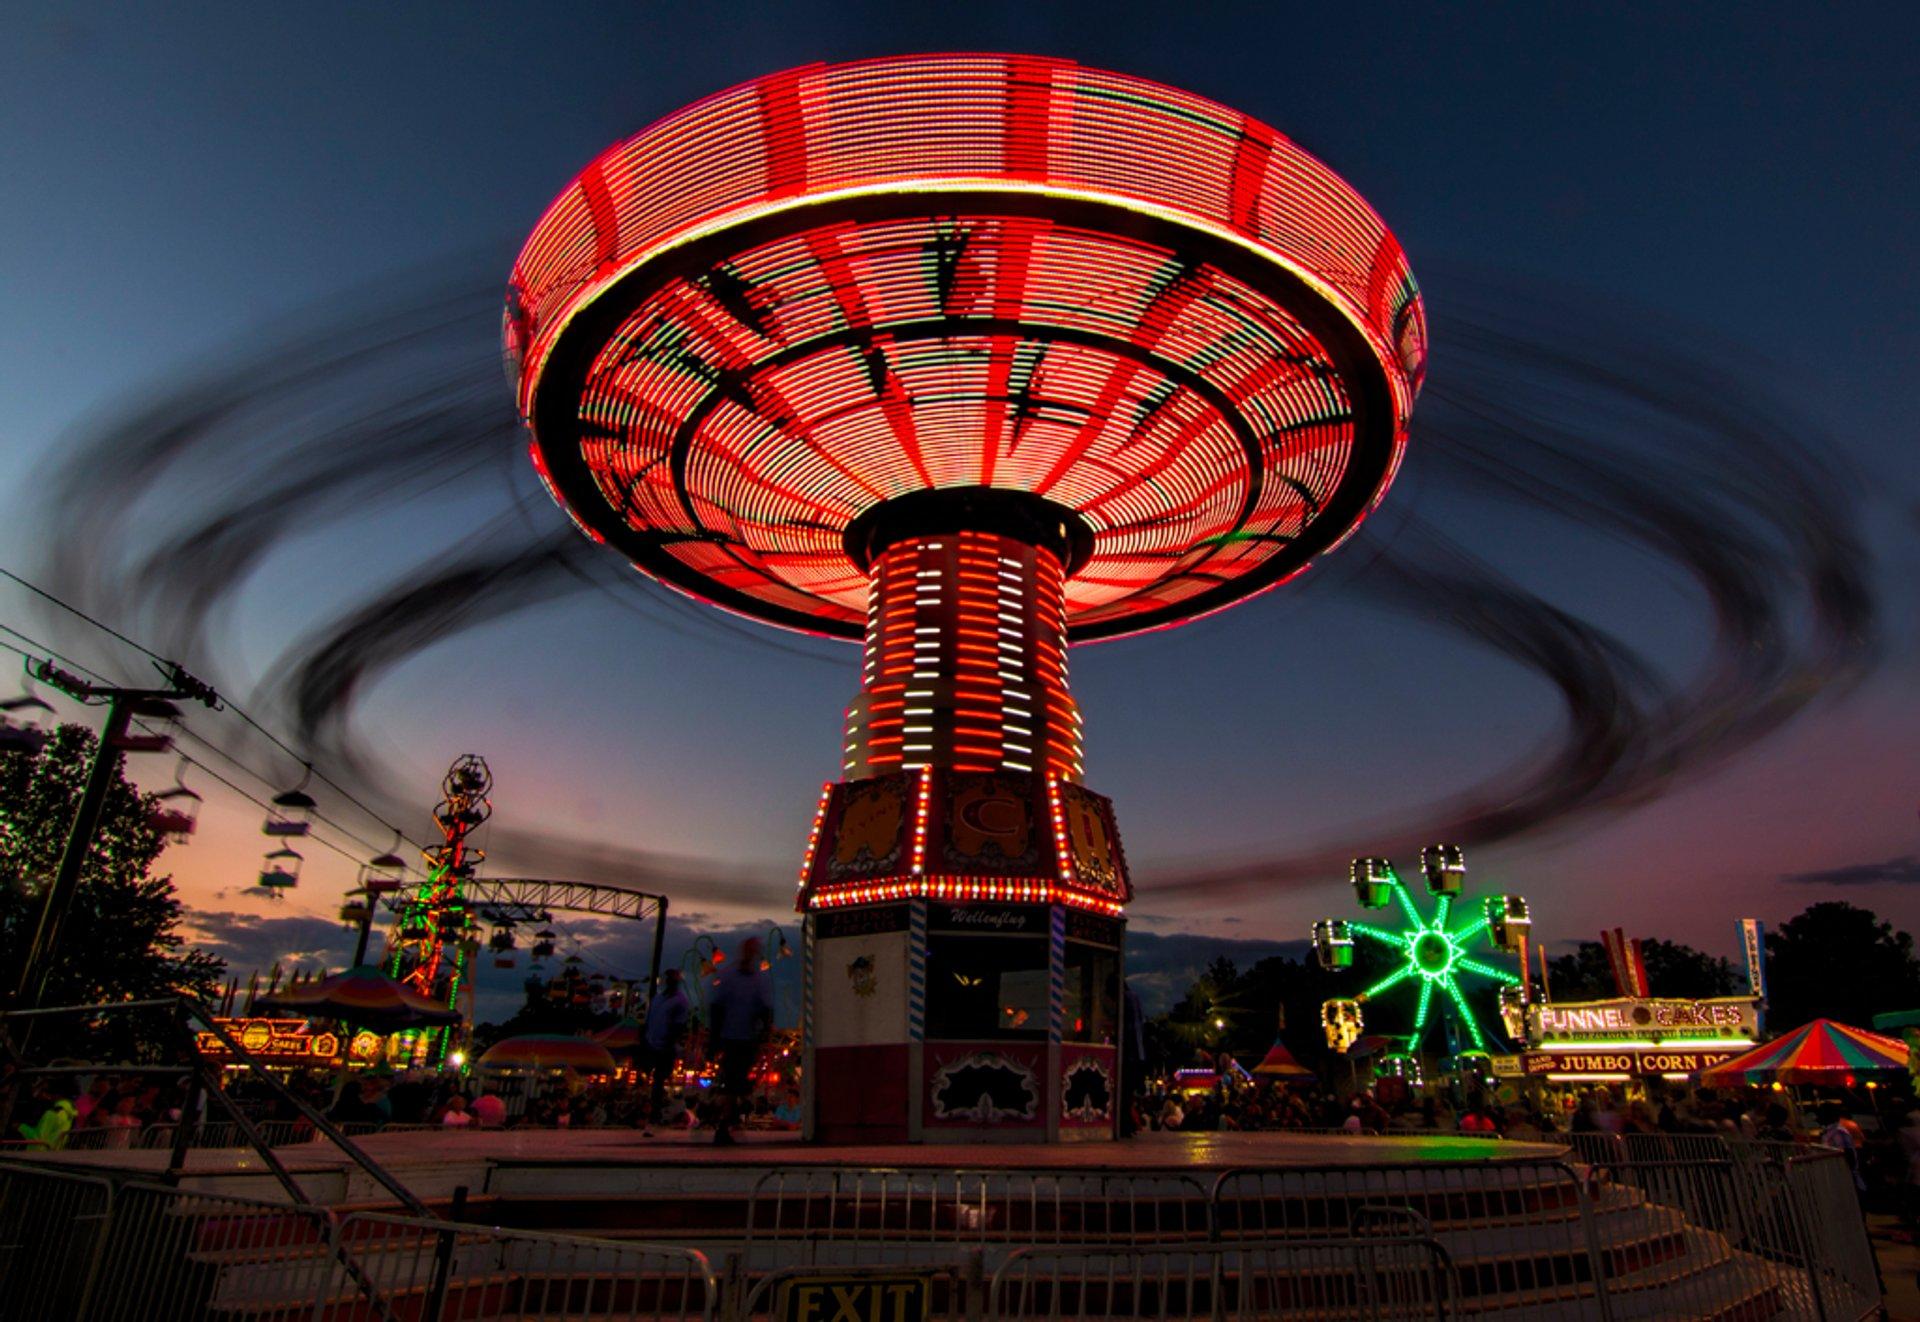 North Georgia State Fair in Georgia 2020 - Best Time